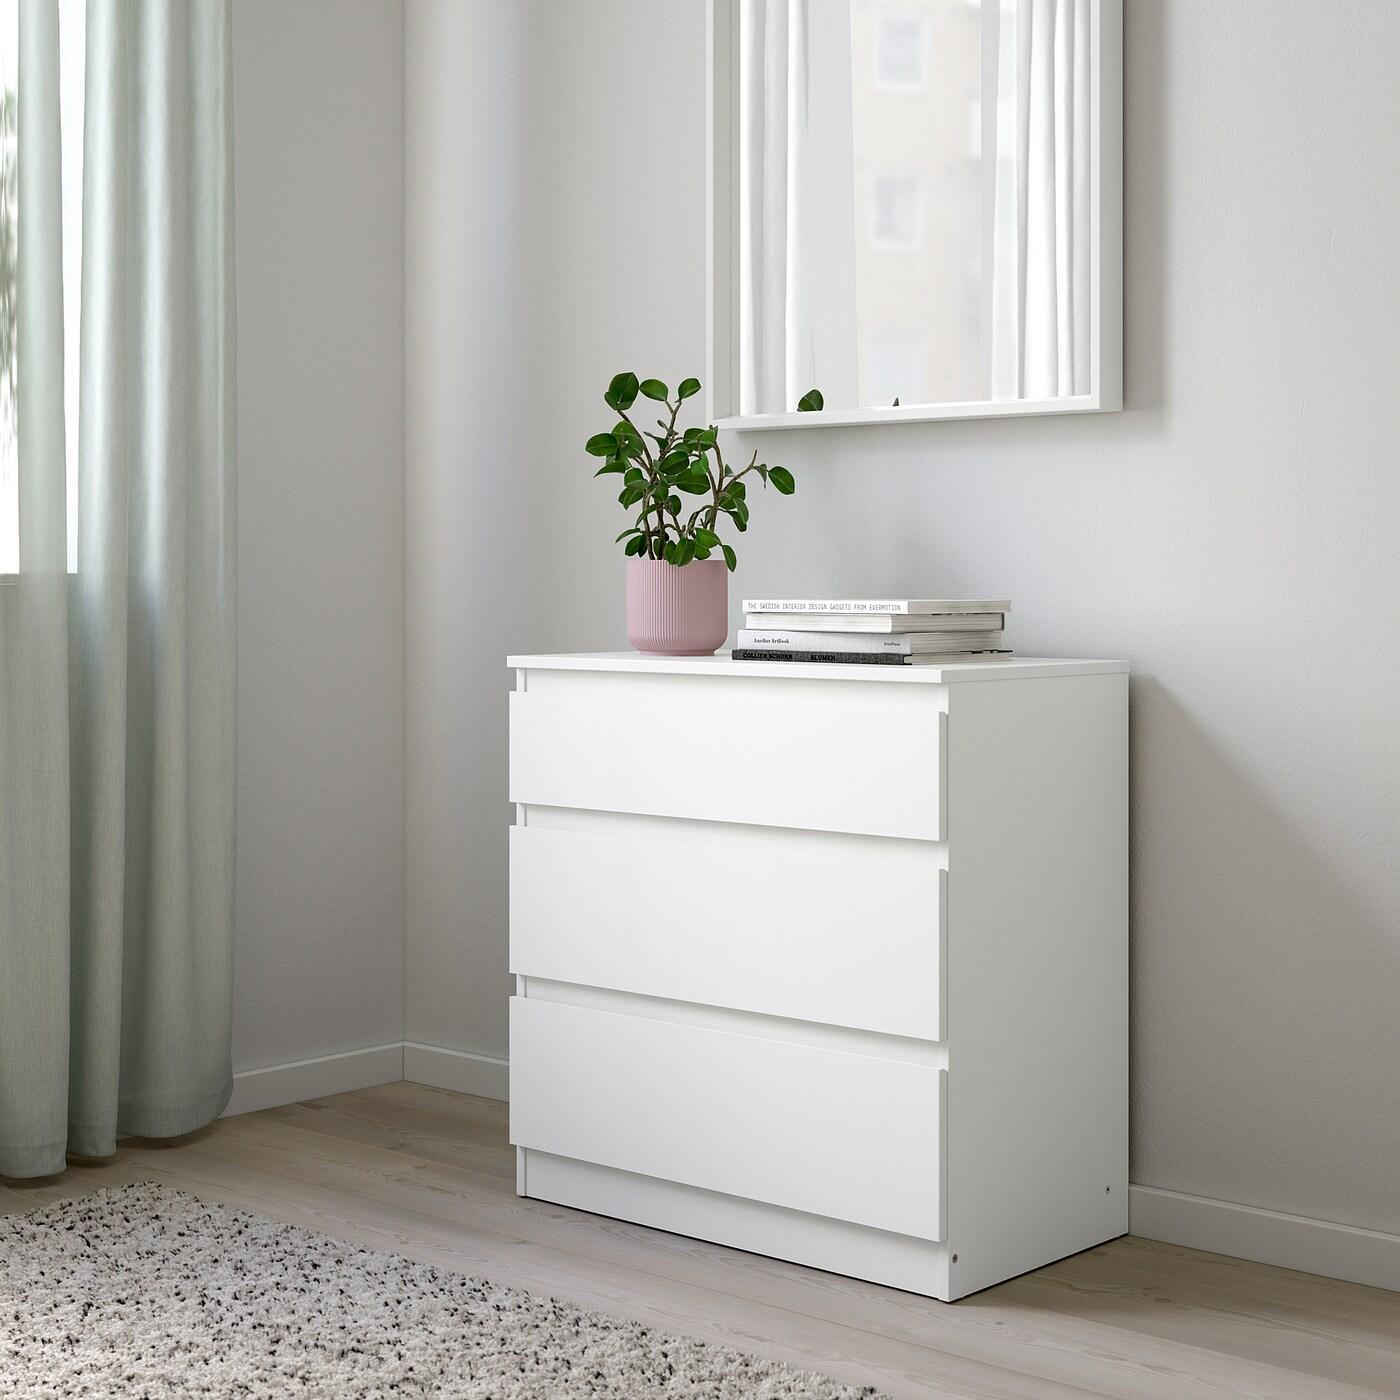 70x72cm IKEA KULLEN Kommode mit 3 Schubladen; in weiß;